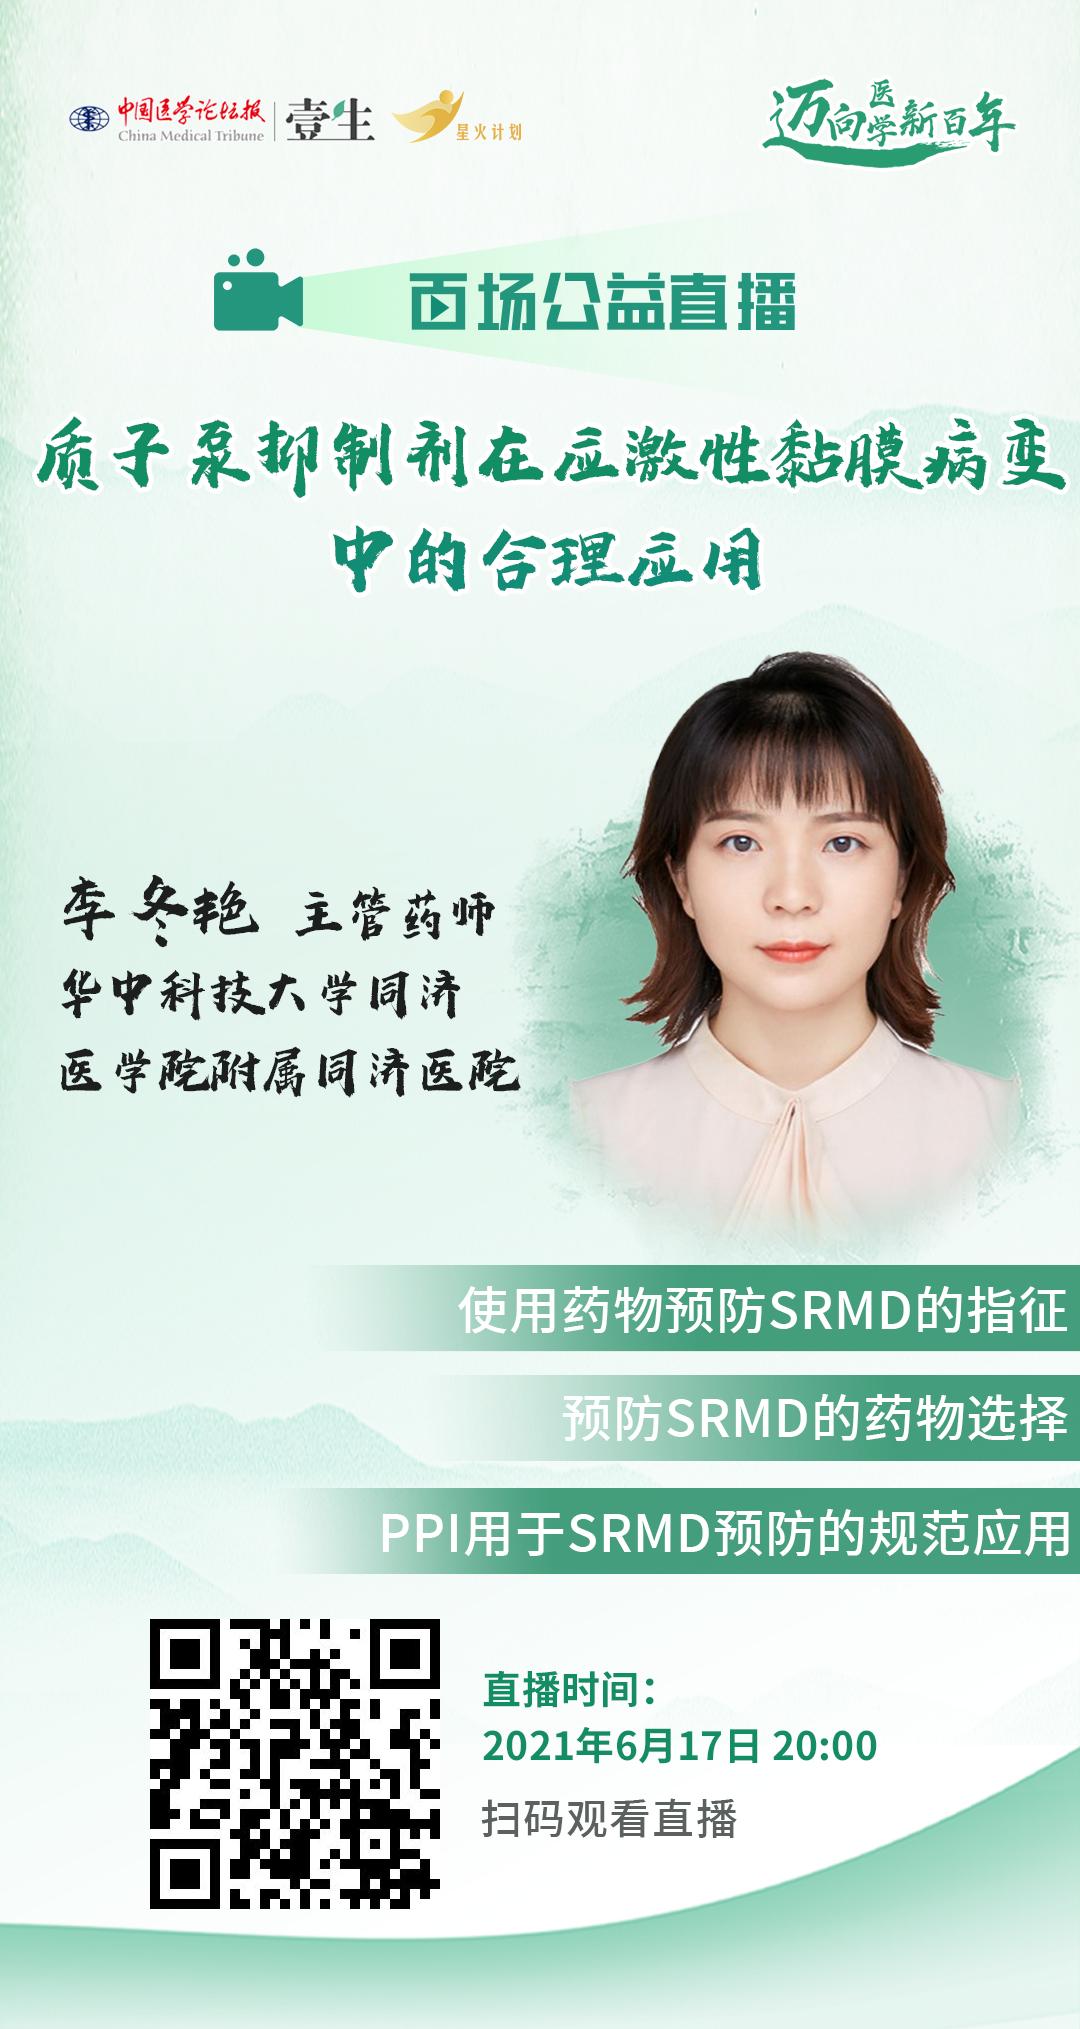 李冬艳专家版.png